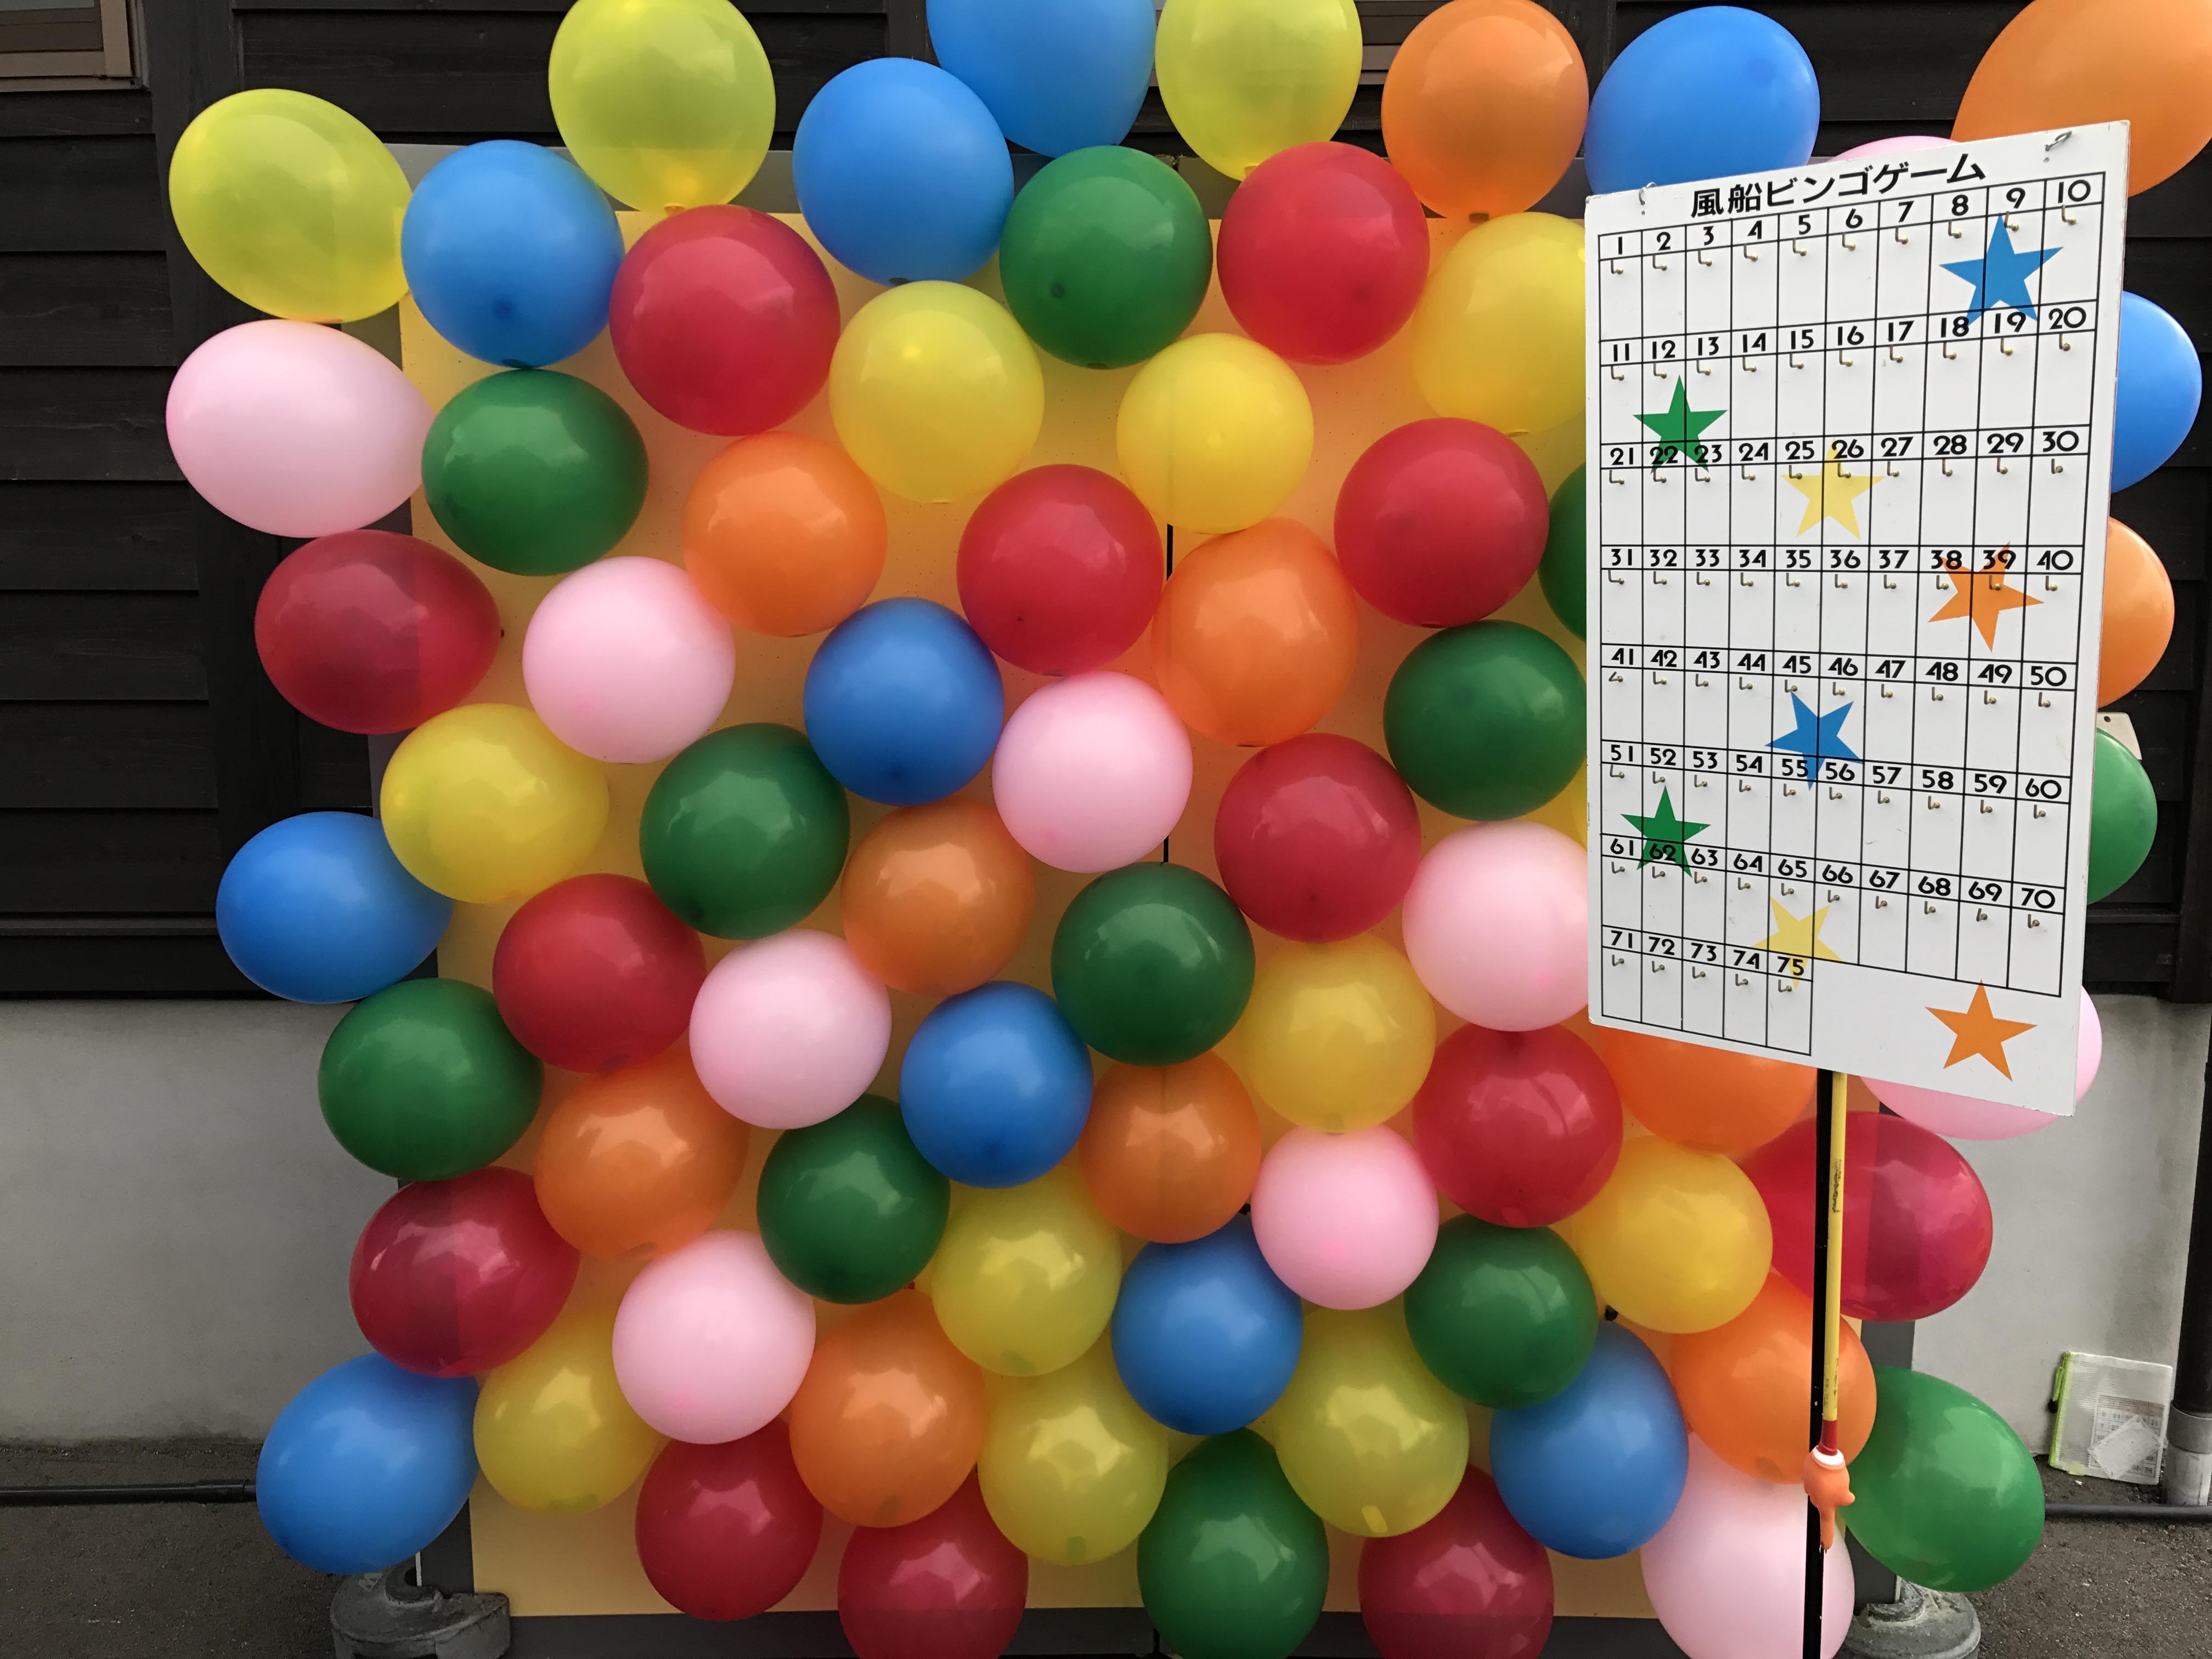 風船ビンゴゲーム